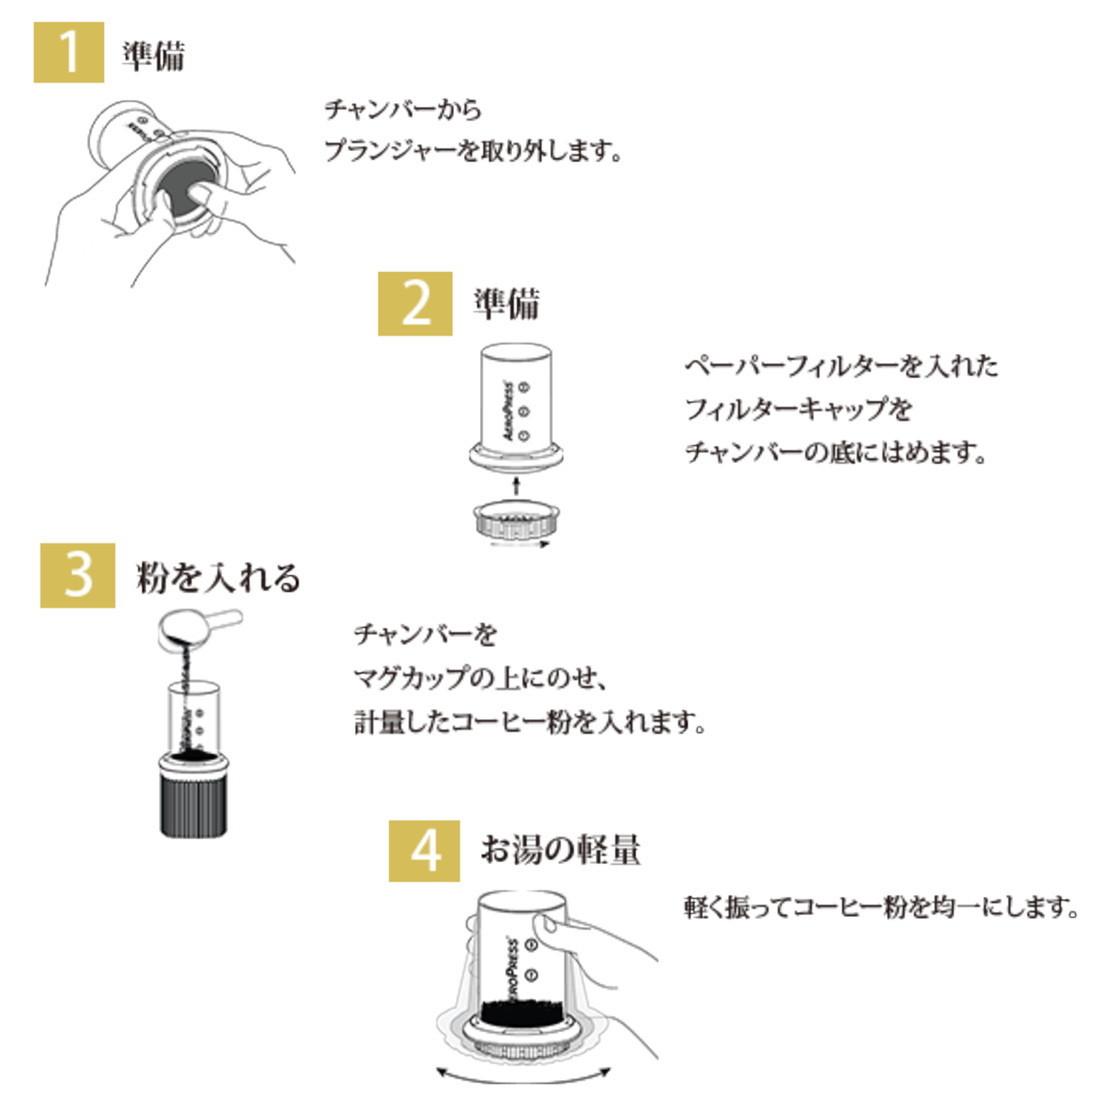 エアロプレス AeroPress Go Coffee Maker ゴー コーヒーメーカー コーヒーミル用 手挽き 珈琲豆用  国内正規品 89209235